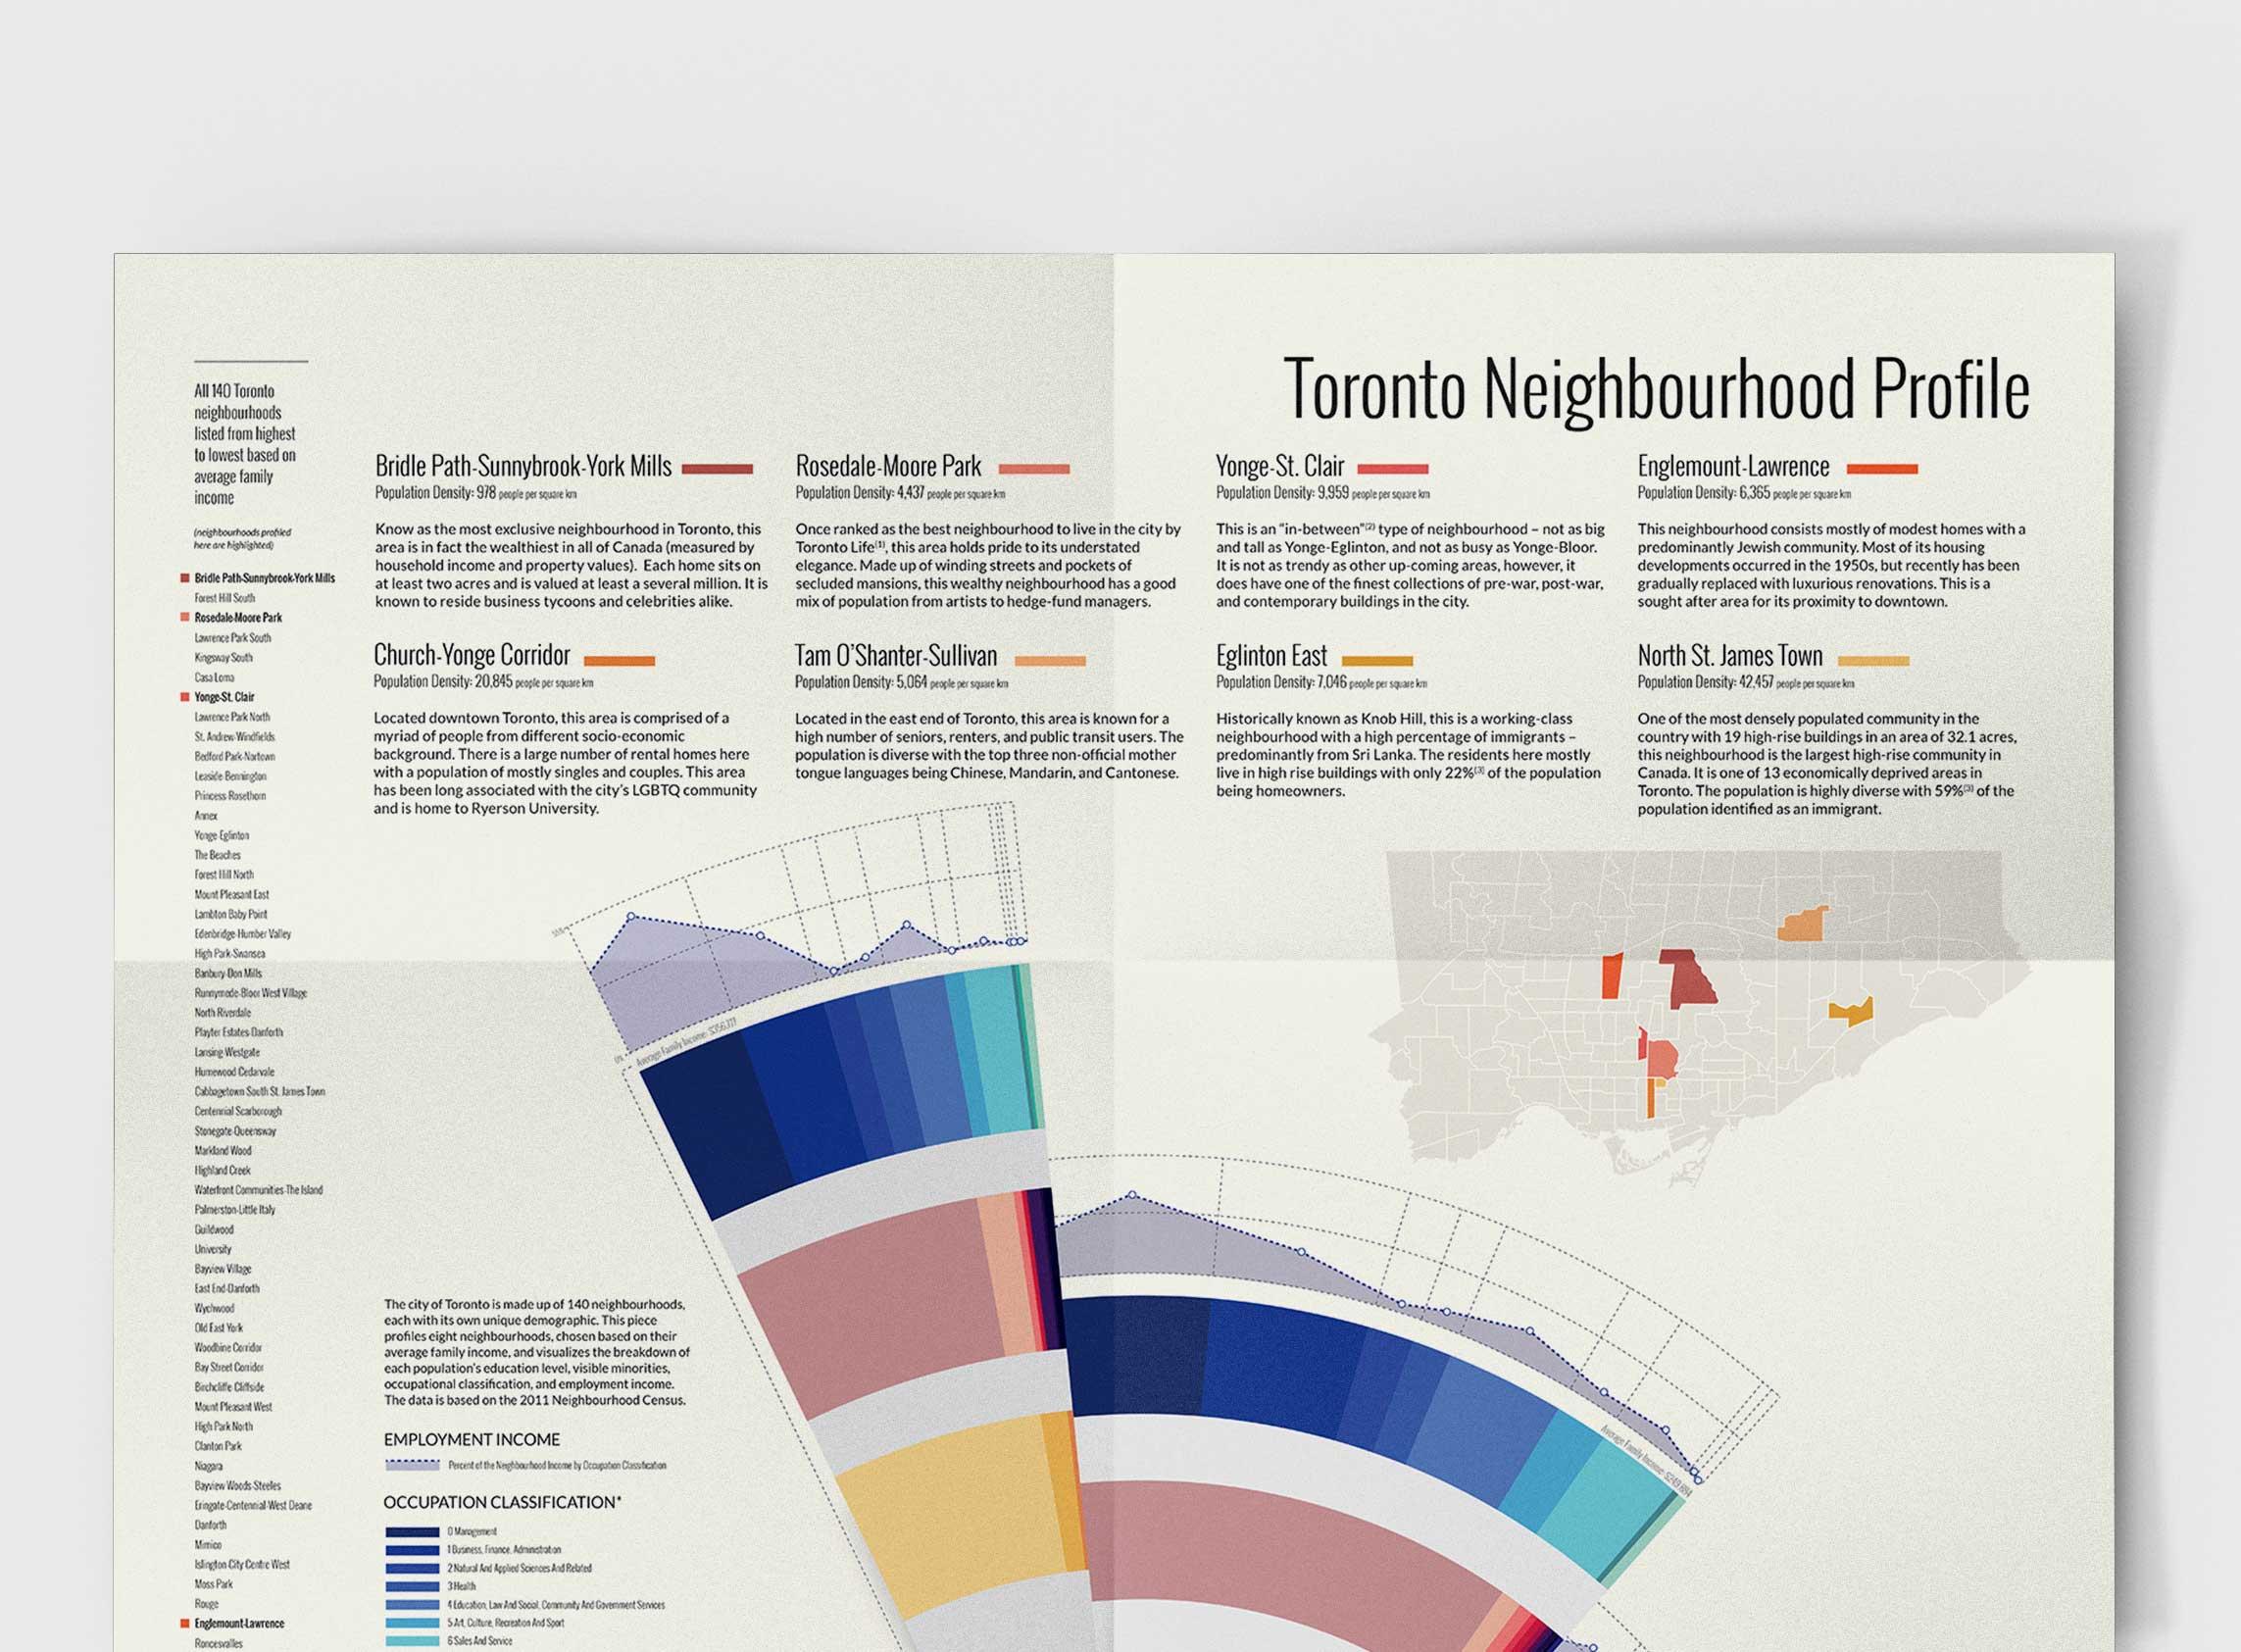 infographic_websiteimage01-mockup-cropped02-medsize